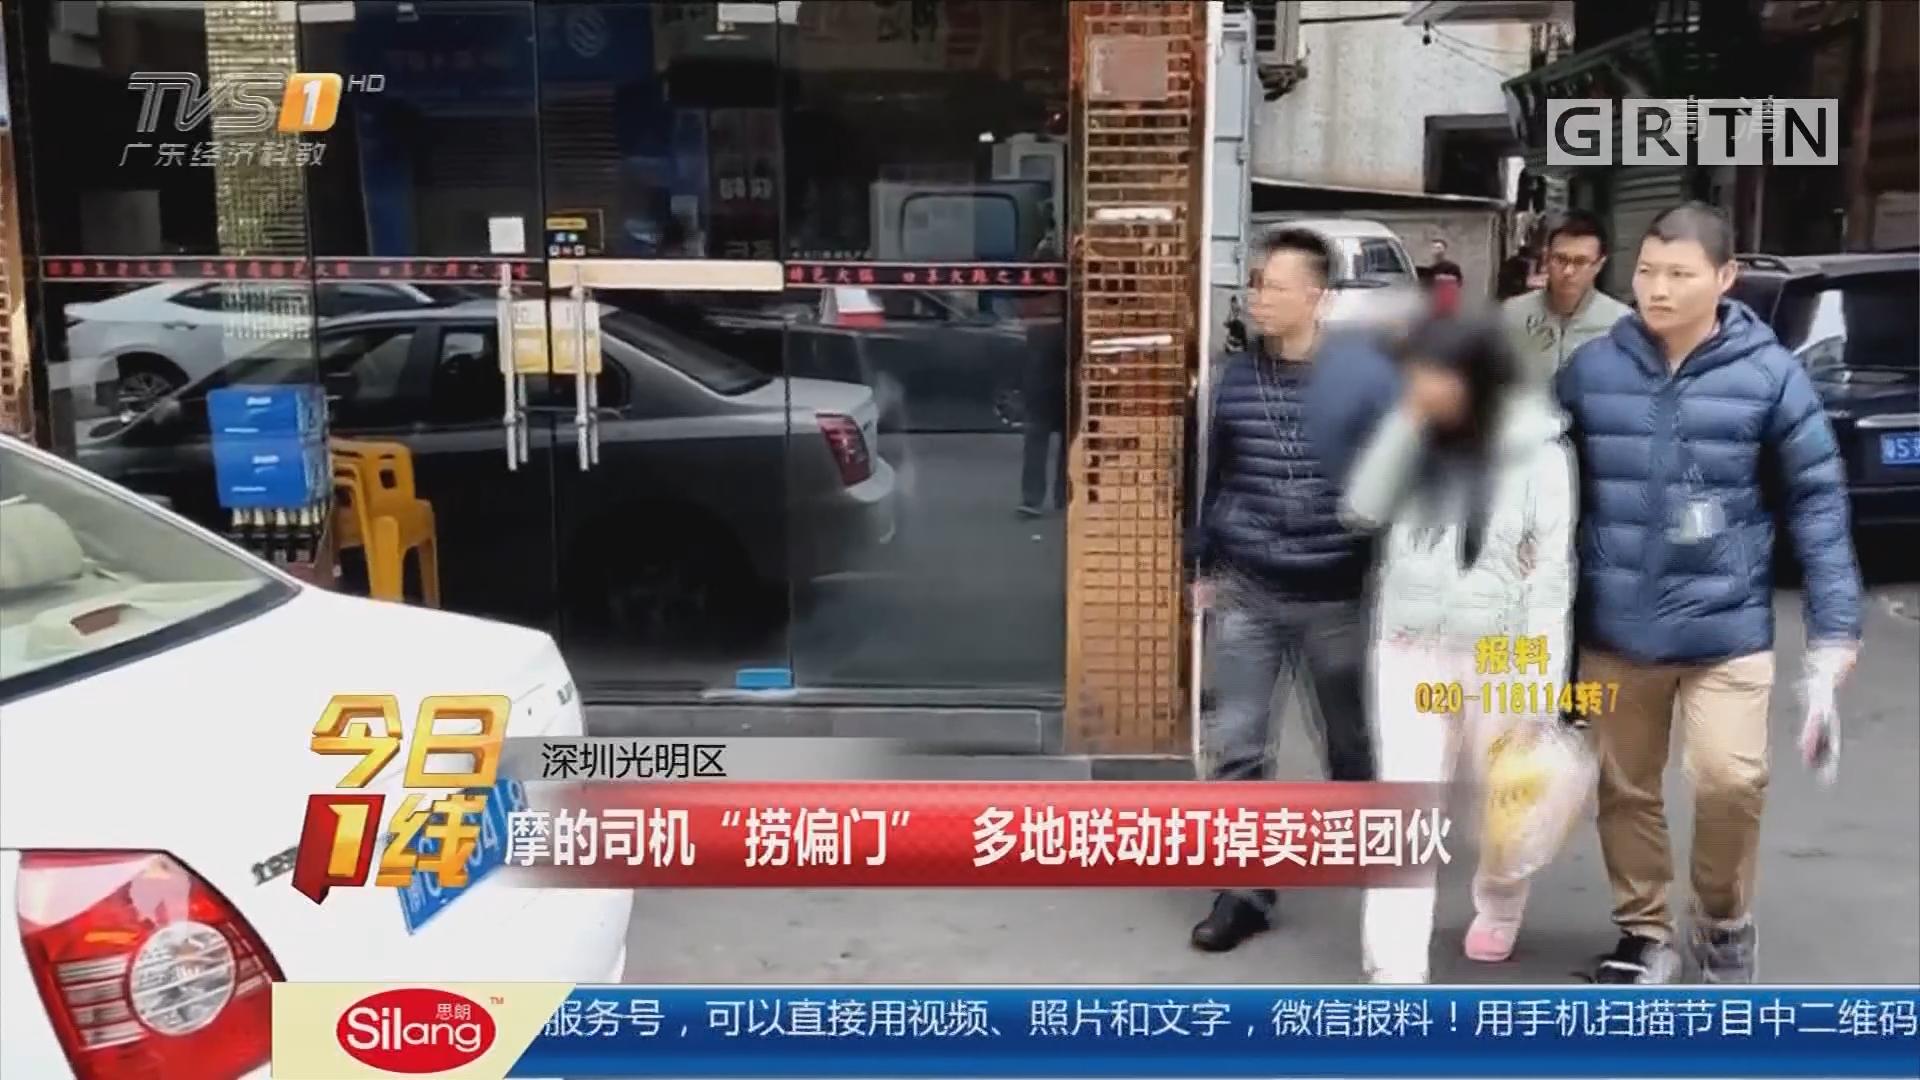 """深圳光明区:摩的司机""""捞偏门"""" 多地联动打掉卖淫团伙"""